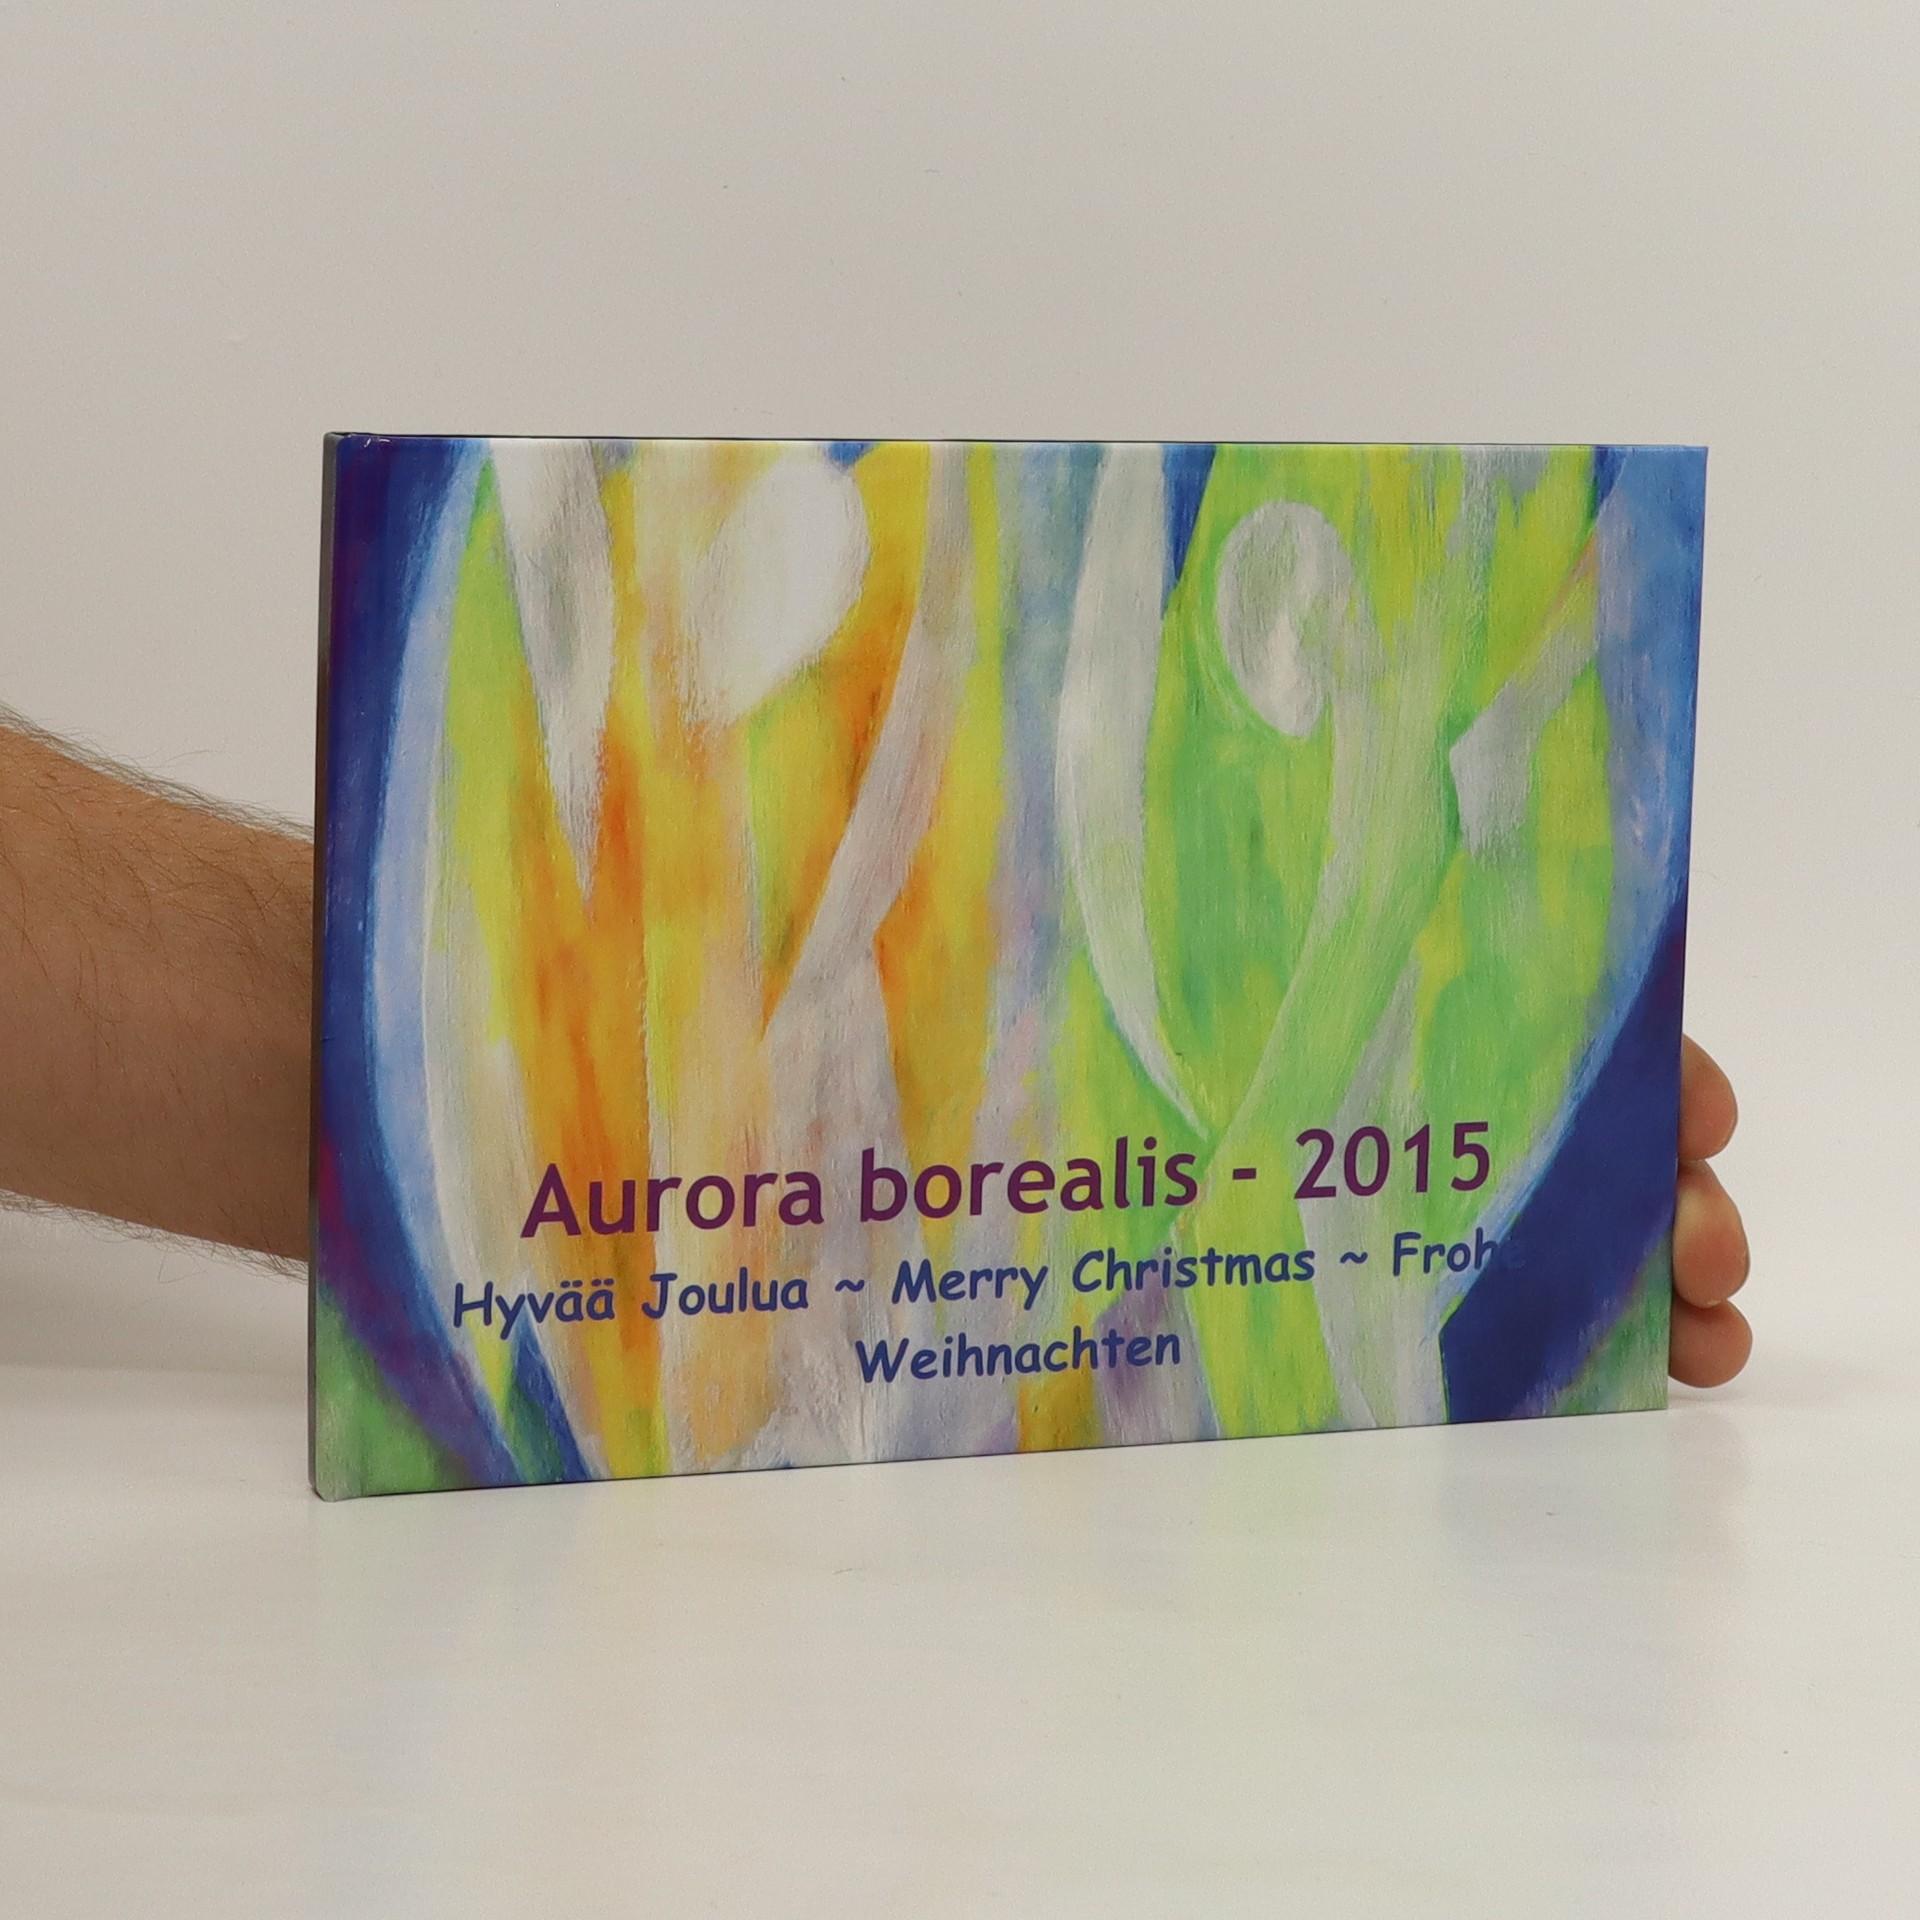 antikvární kniha Aurora borealis, 2015